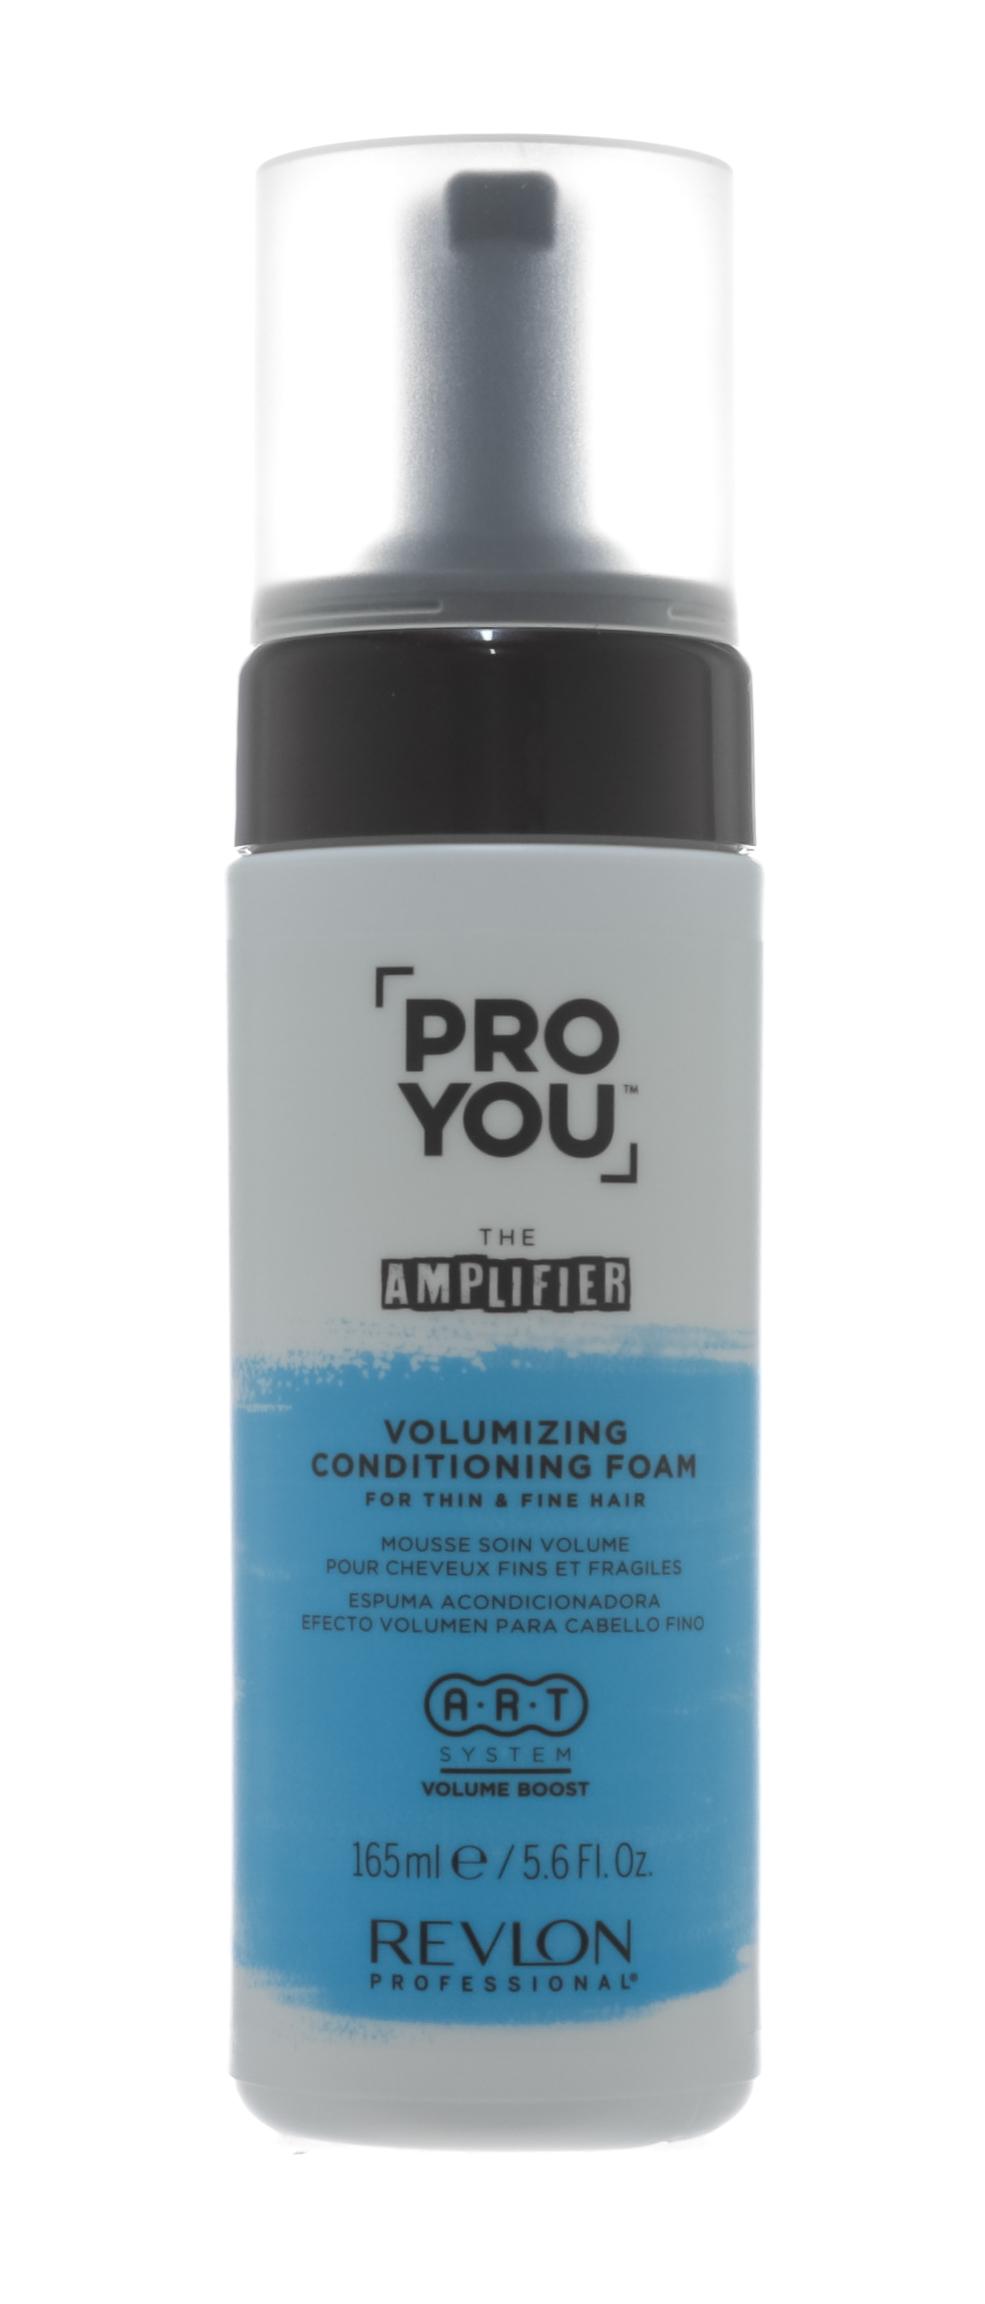 Купить Revlon Professional Кондиционирующая пена для придания объема для тонких волос Volumizing Foam, 165 мл (Revlon Professional, Pro You), США